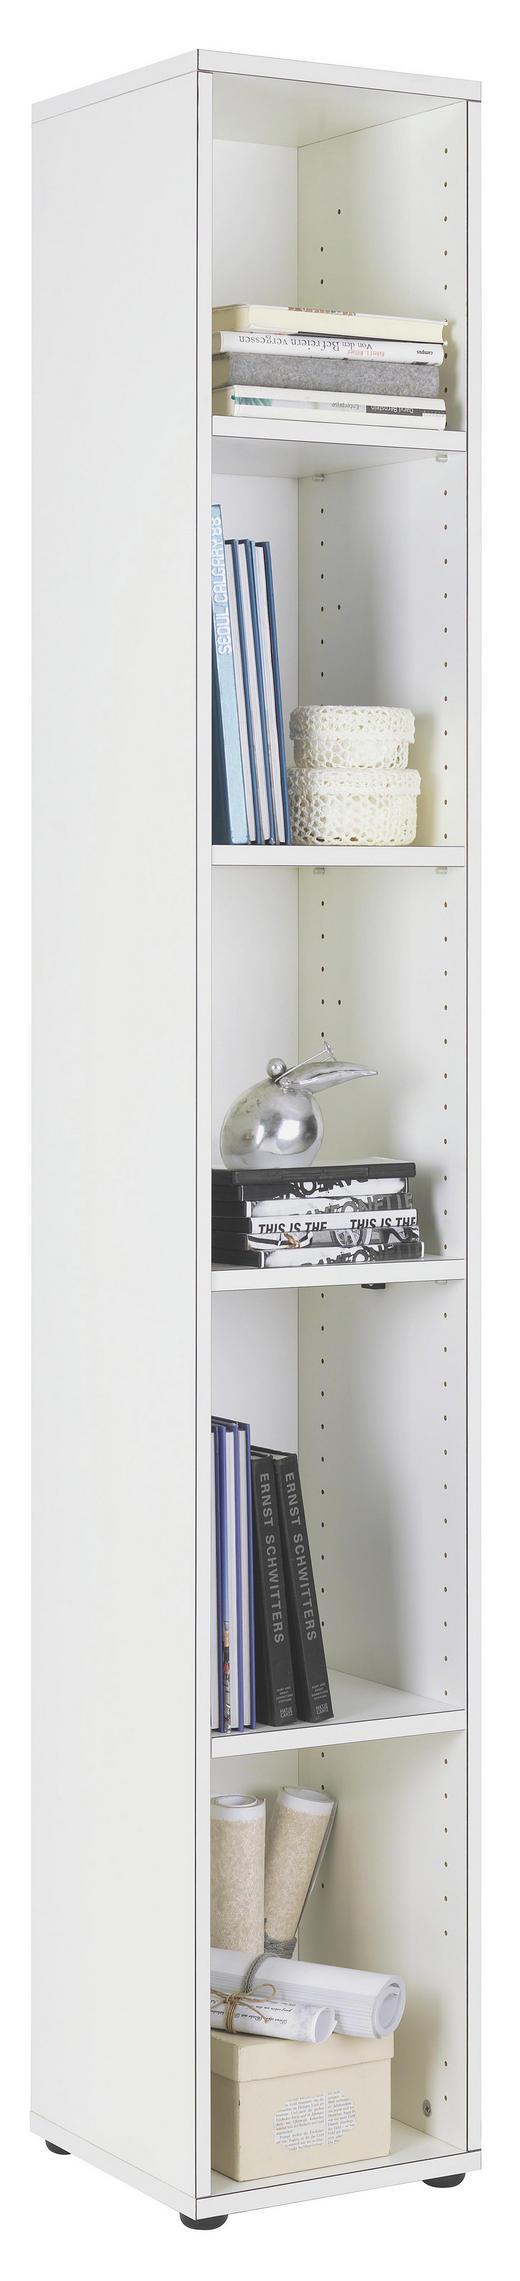 REGAL Weiß - Schwarz/Weiß, Design, Holzwerkstoff/Kunststoff (30/195,5/32,5cm) - WELNOVA